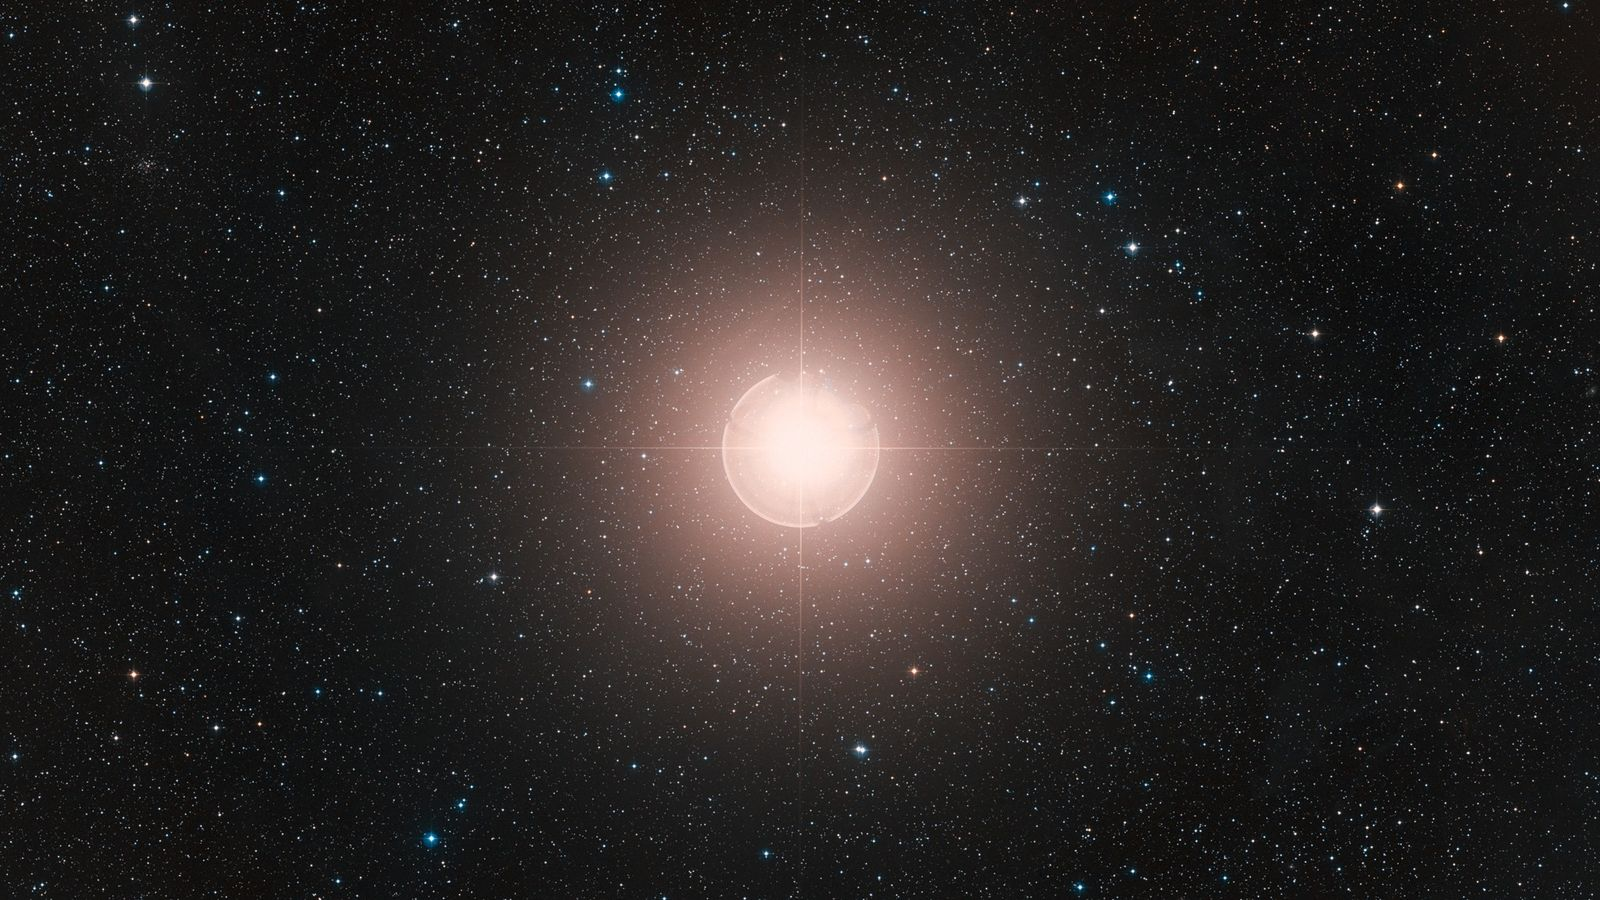 Esta imagem de Betelgeuse, uma das estrelas mais brilhantes do céu, é uma composição colorida montada ...